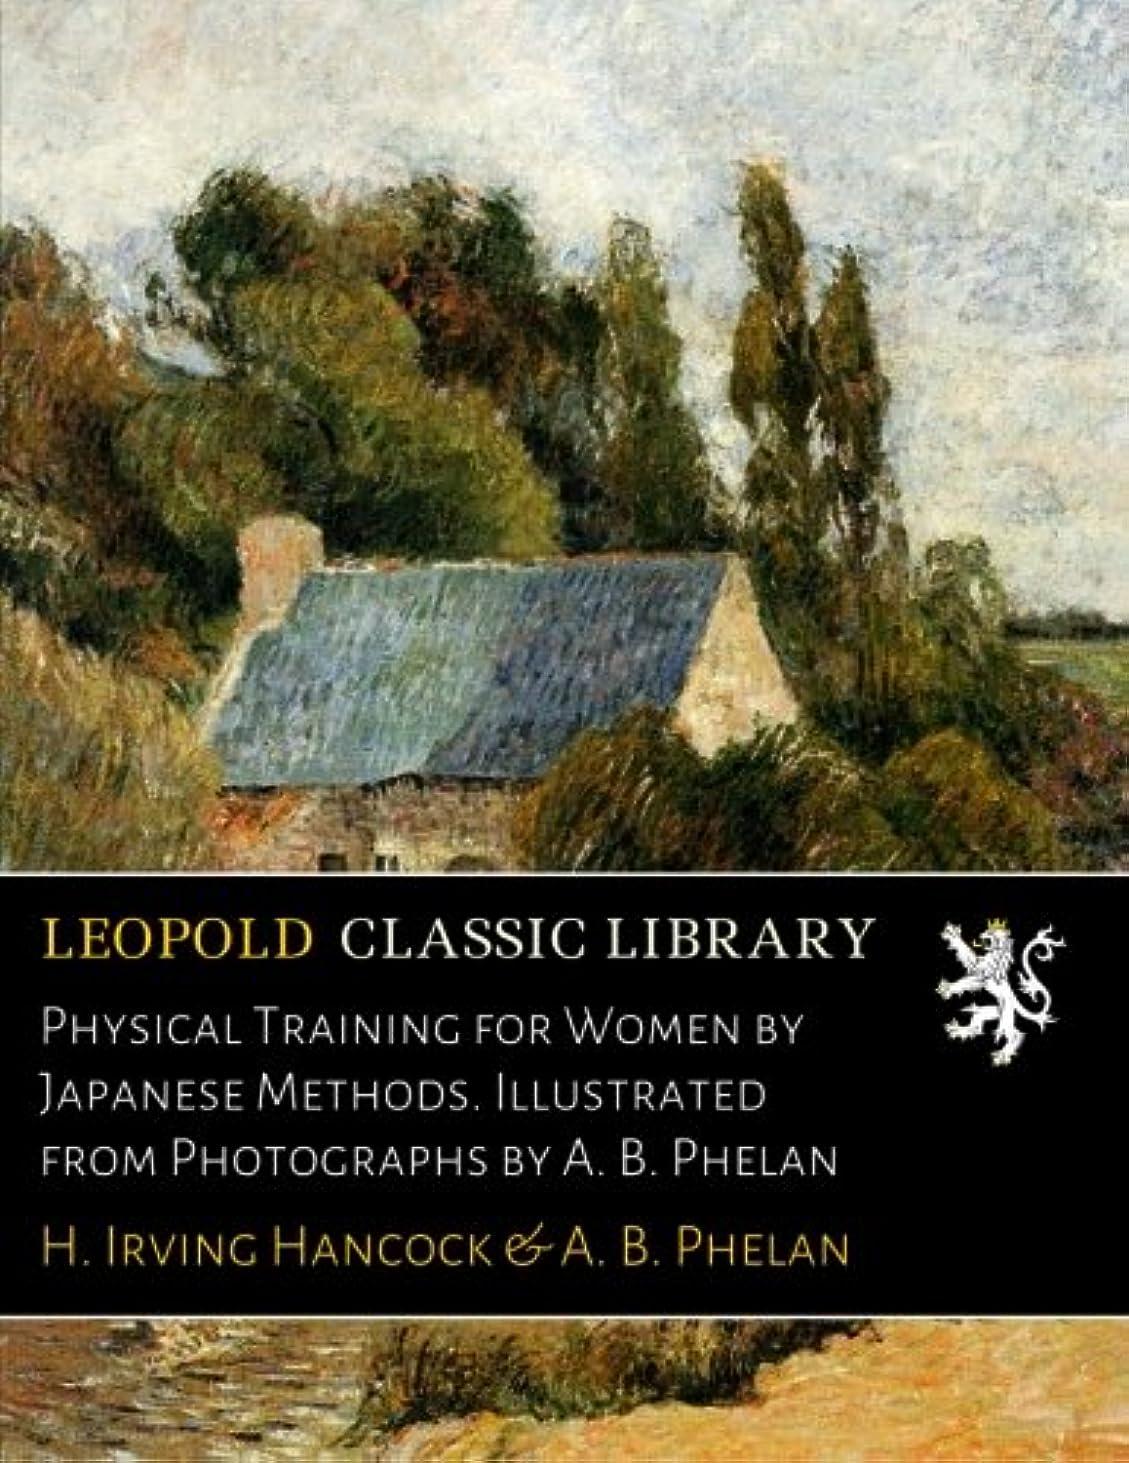 合併アナロジーアサートPhysical Training for Women by Japanese Methods. Illustrated from Photographs by A. B. Phelan